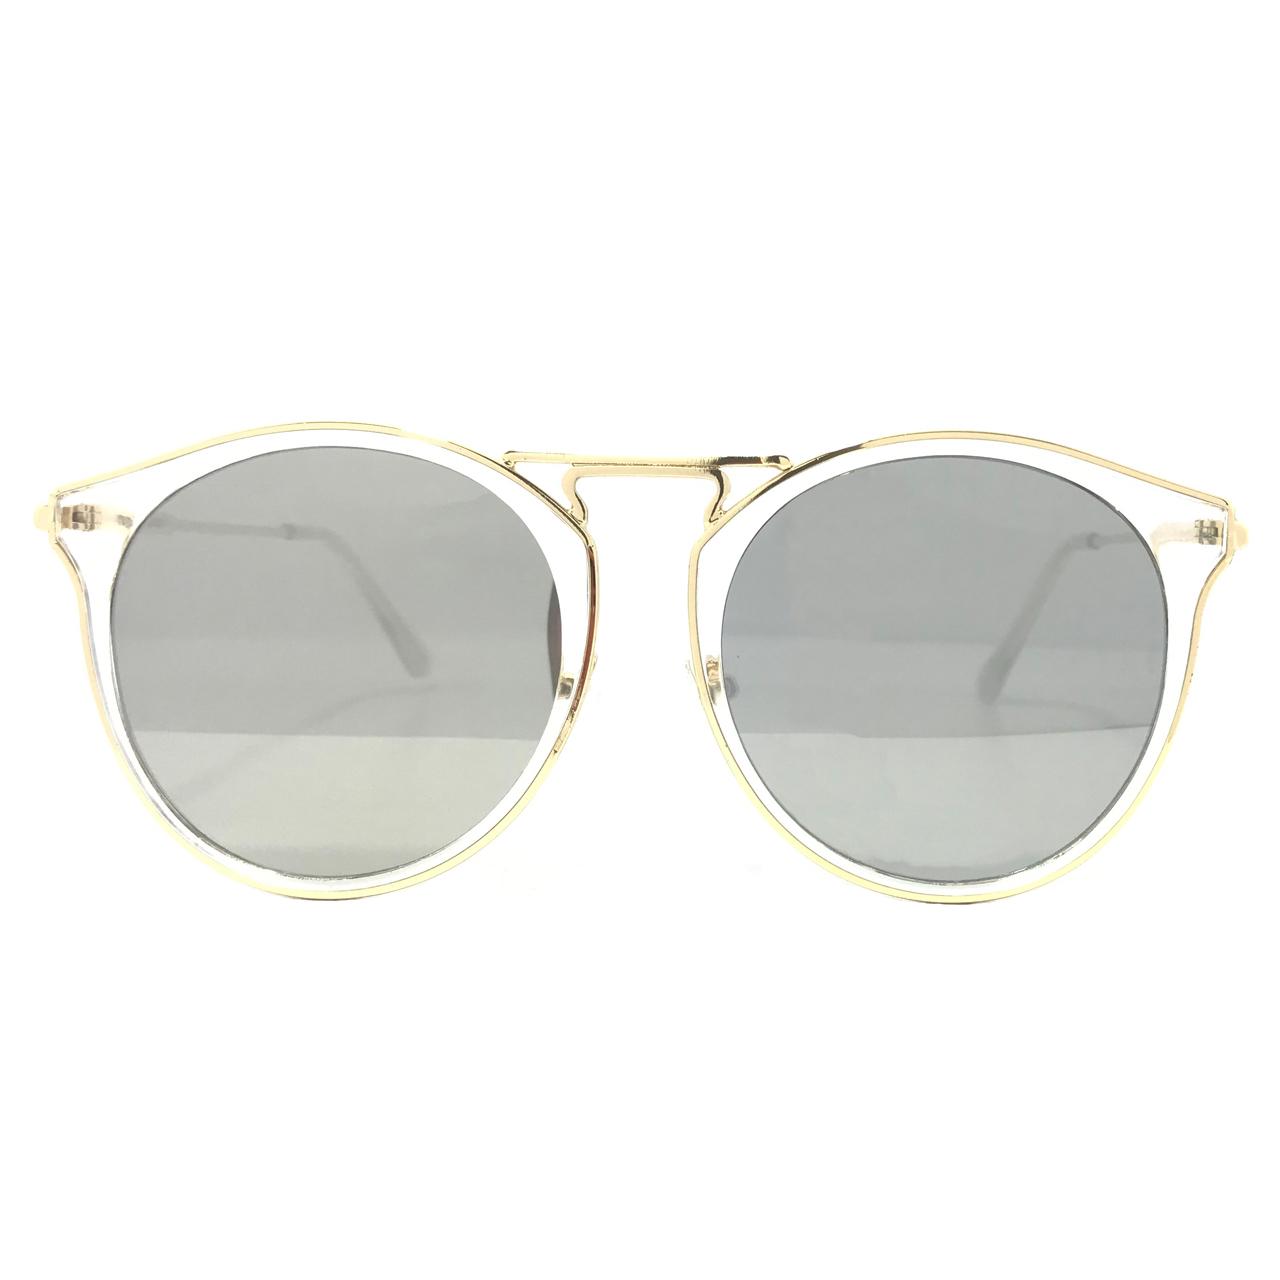 قیمت عینک آفتابی زنانه ریگاتو مدل 3541